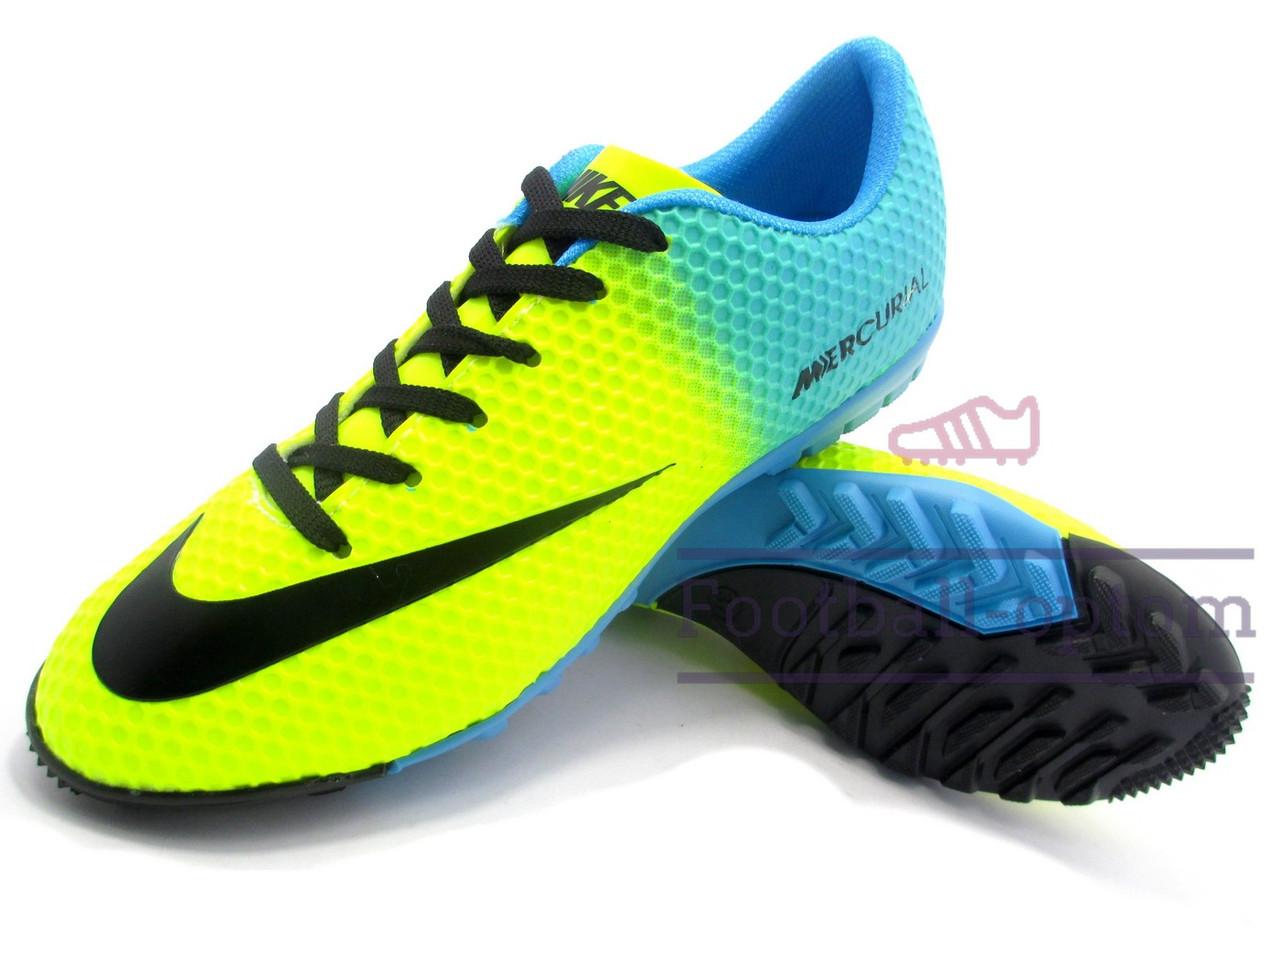 f1e8d95fe457d3 Сороконожки Nike Mercurial\Найк Меркуриал, желто-синие, к11533 - Футбольный  супермаркет